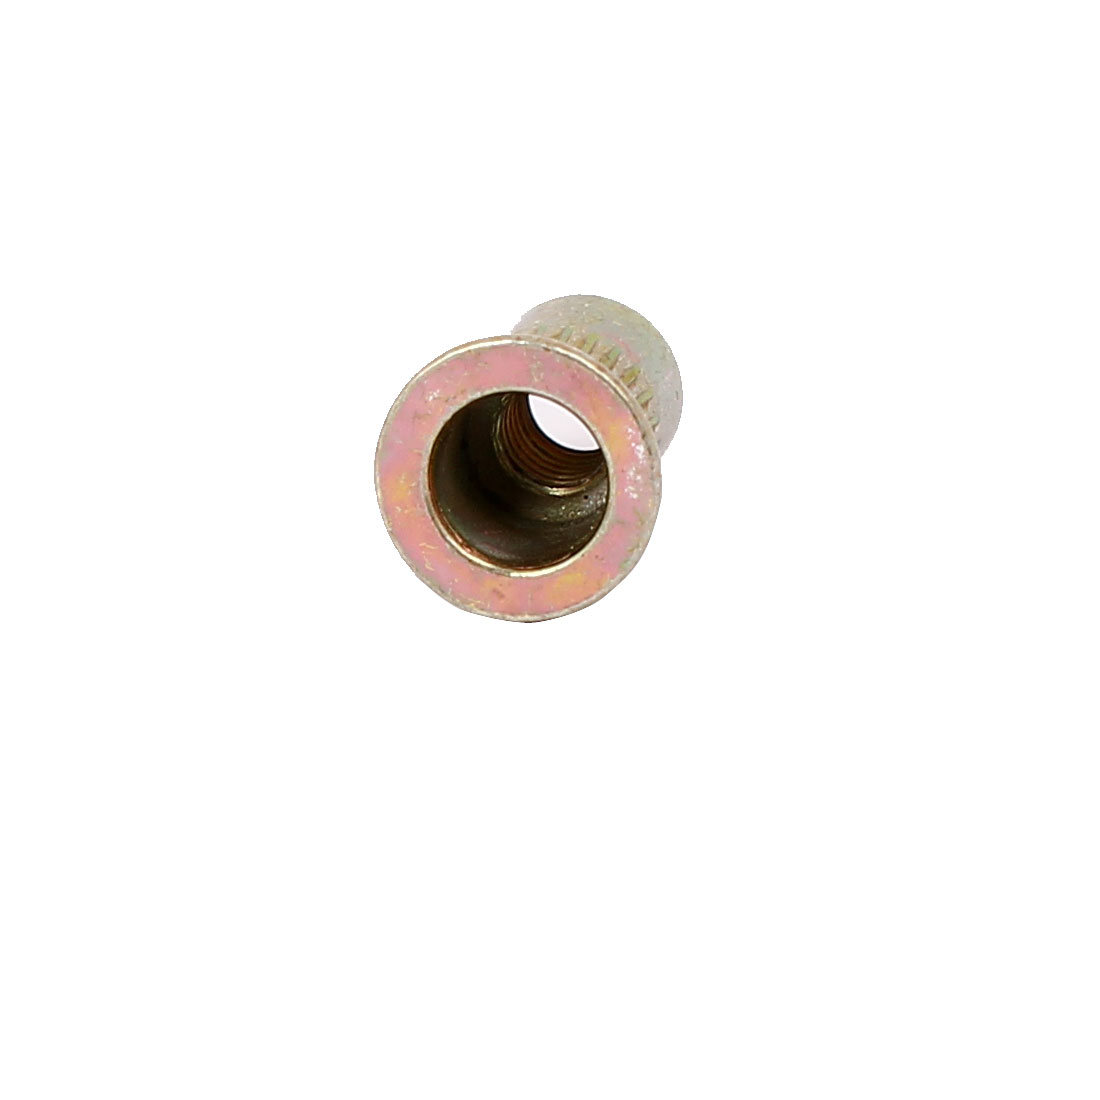 M4-x-11mm-Knurled-Flat-Head-Rivet-Nut-Embedment-Insert-Nutsert-500PCS